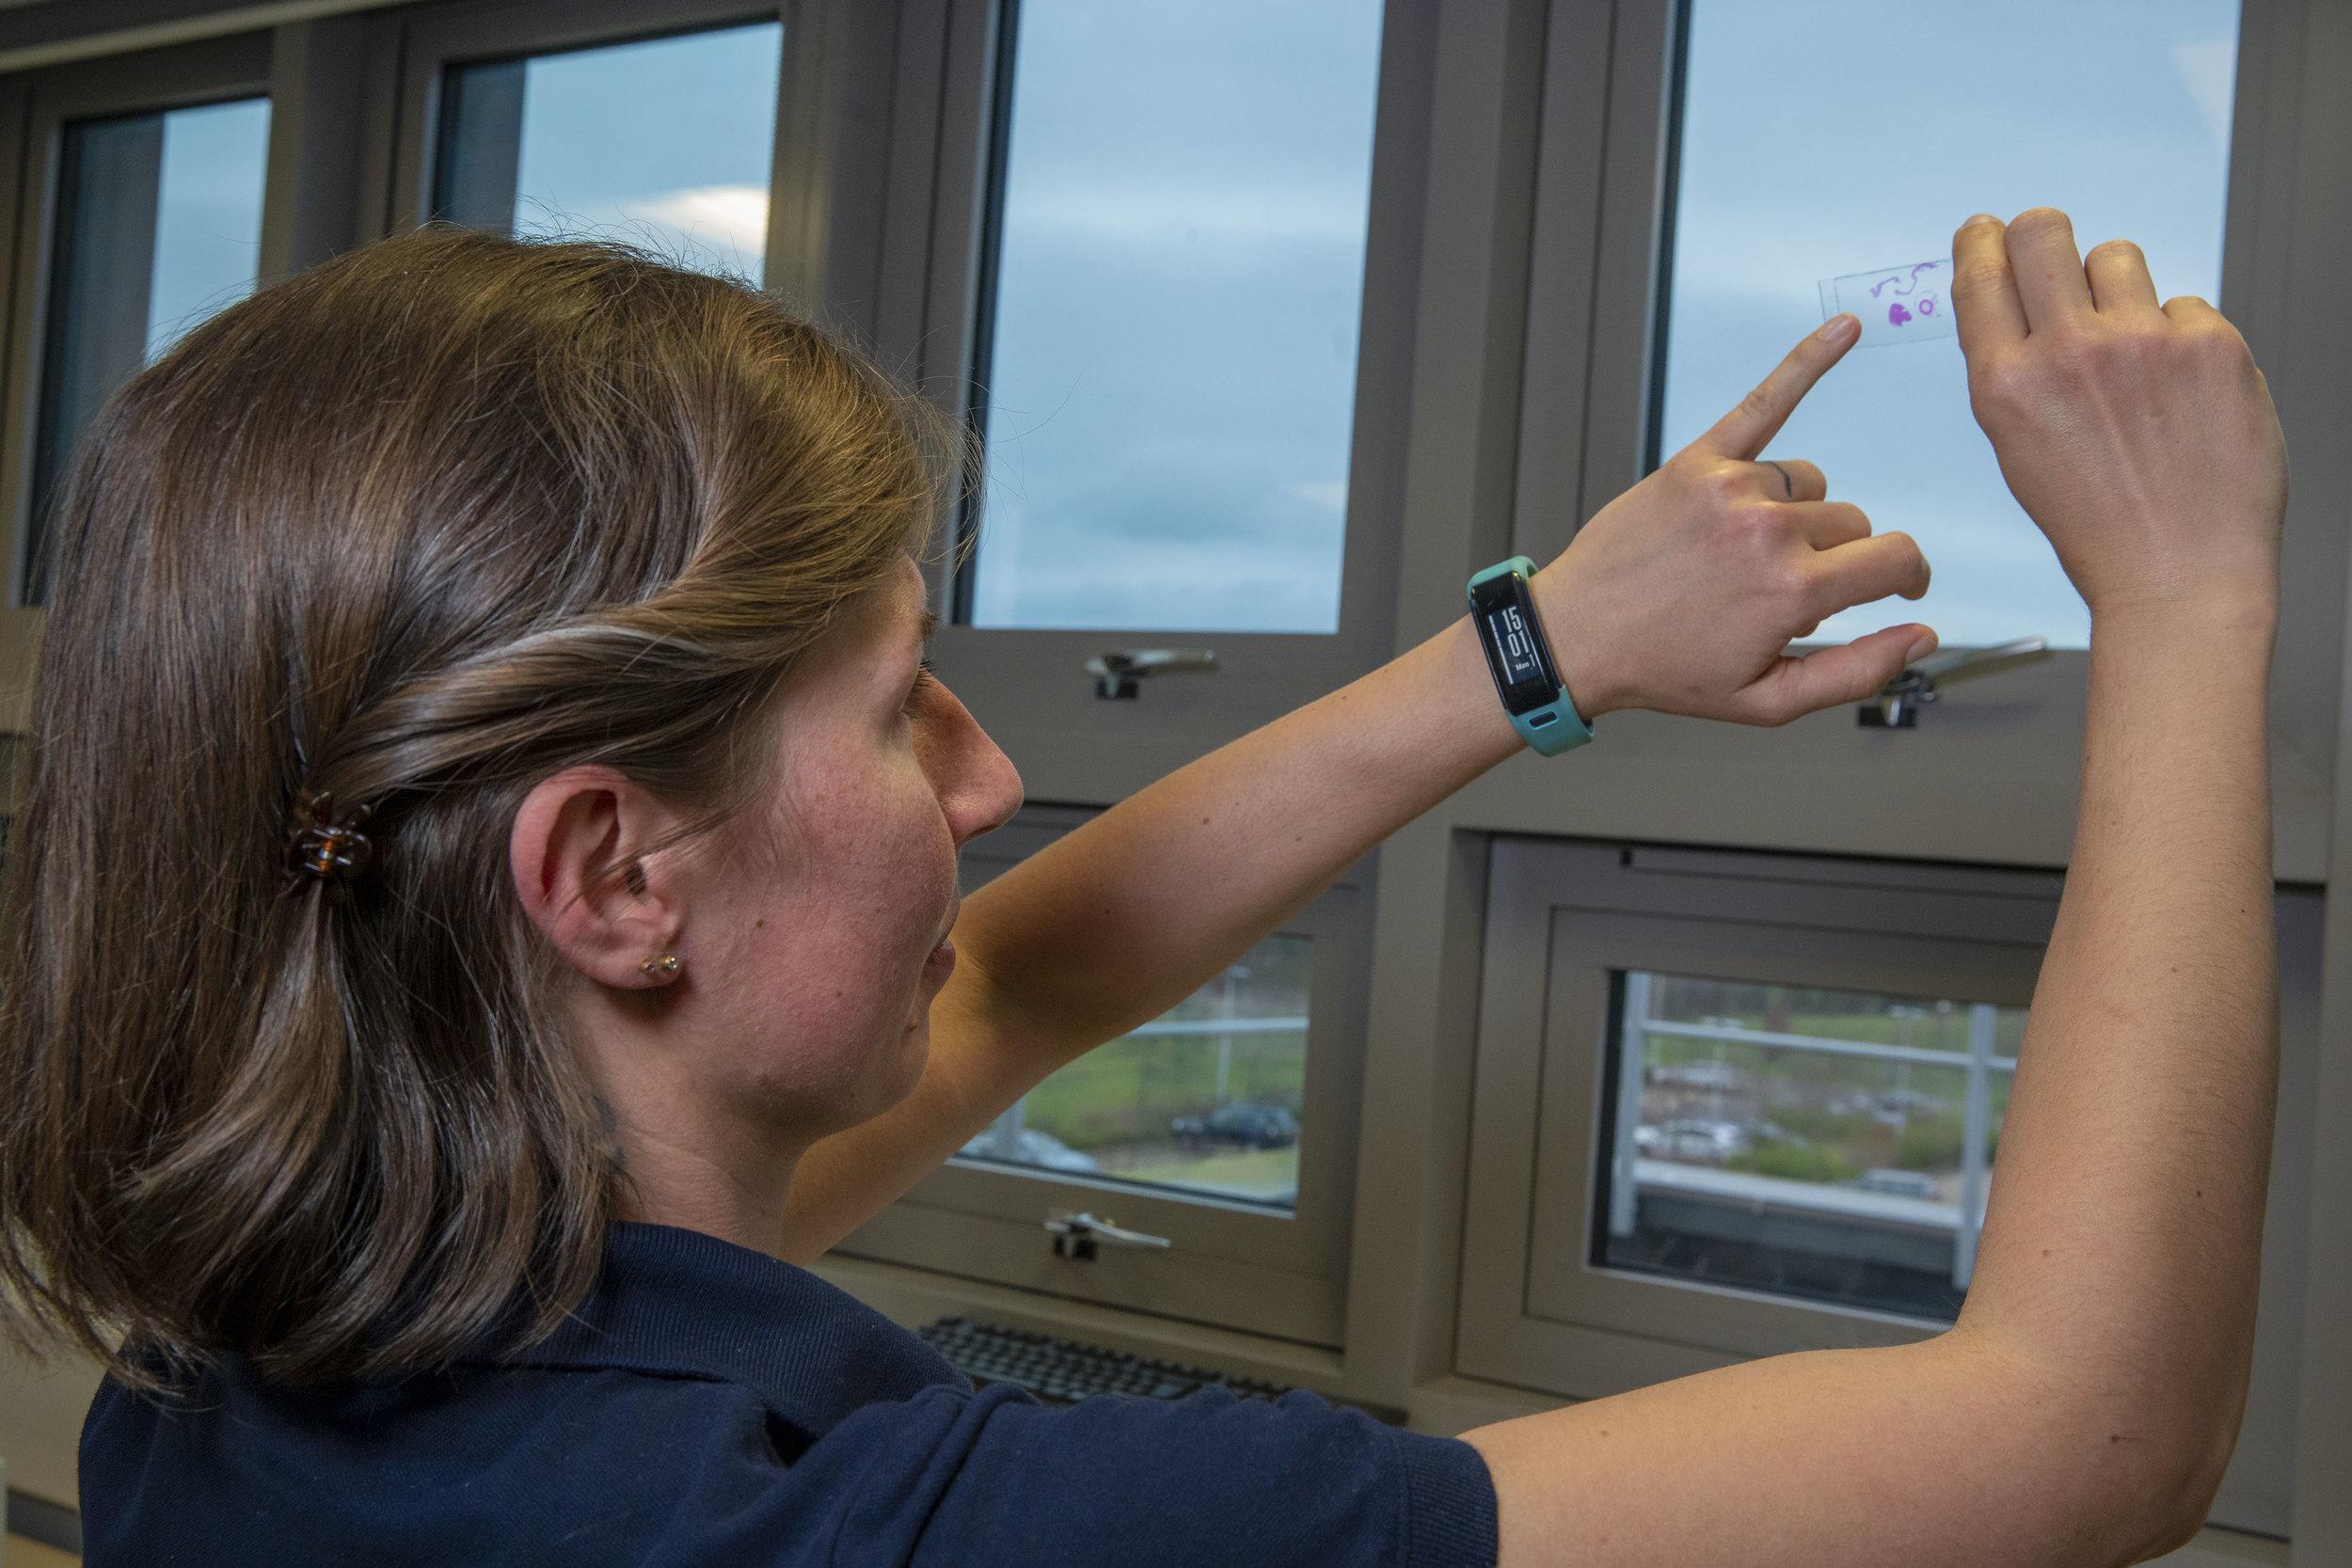 Scientist Examining Slide